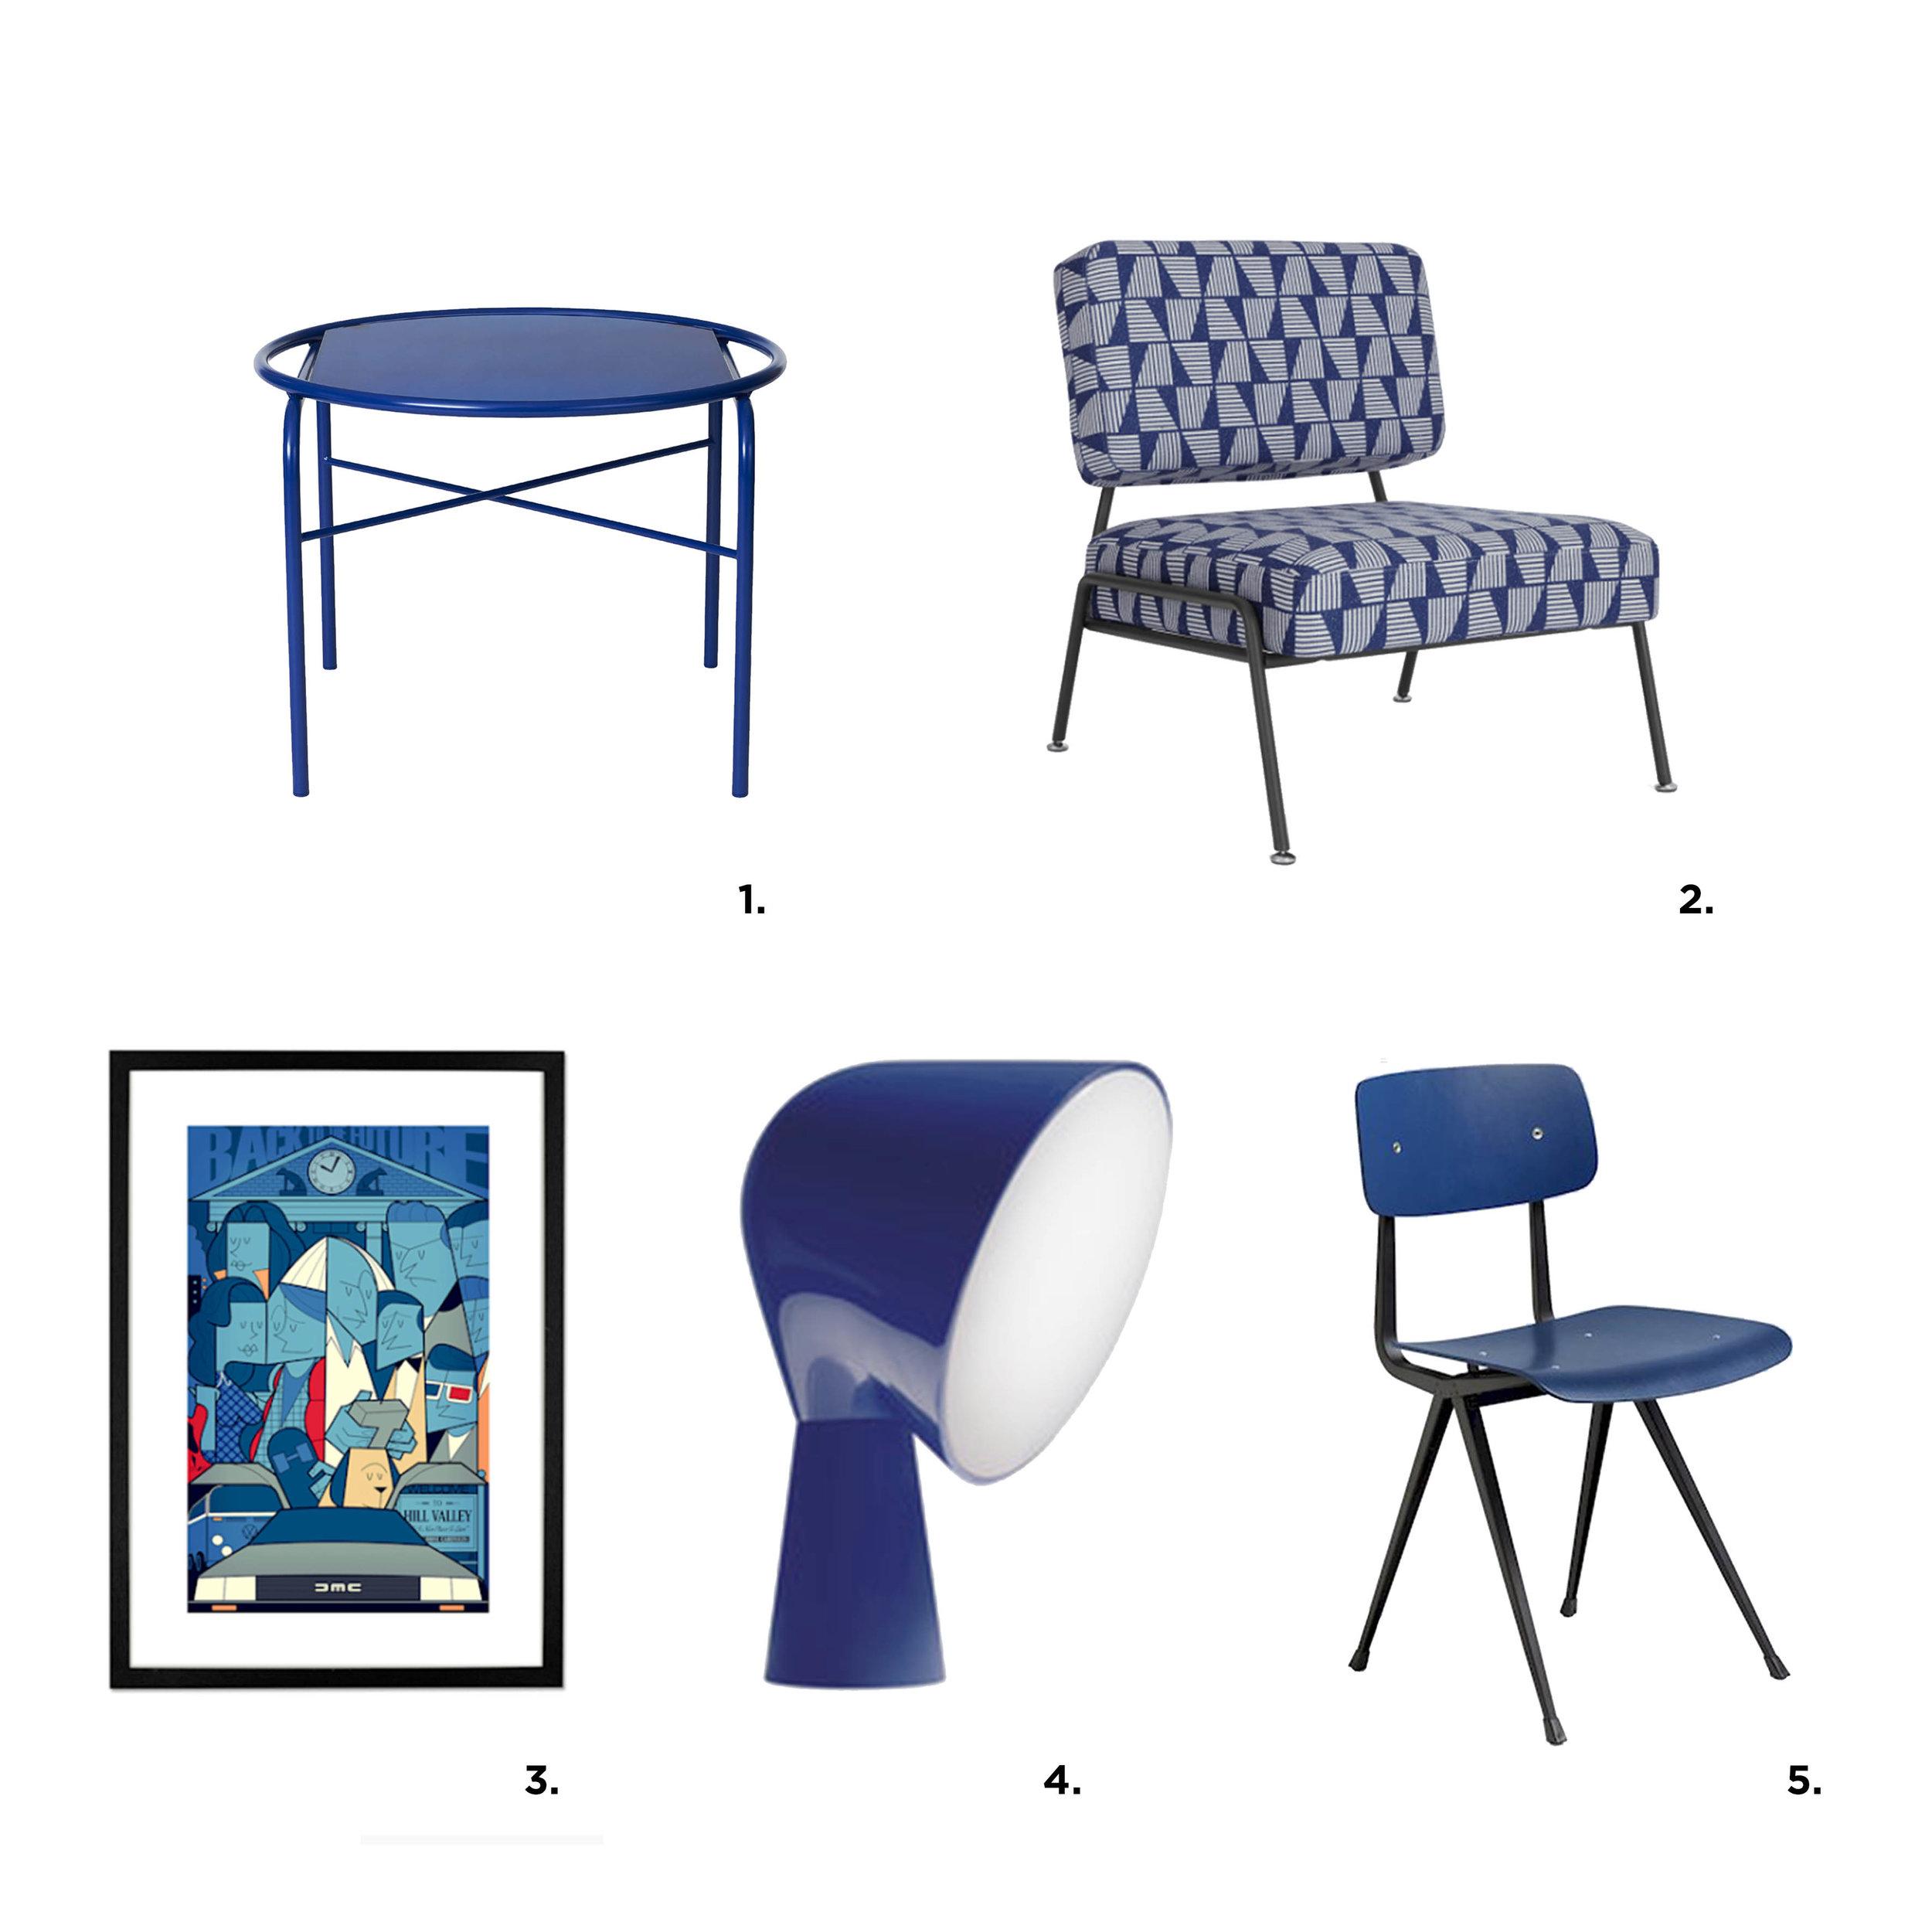 Poke studio, notranje oblikovanje, interior design, Top 5, nebulas blue